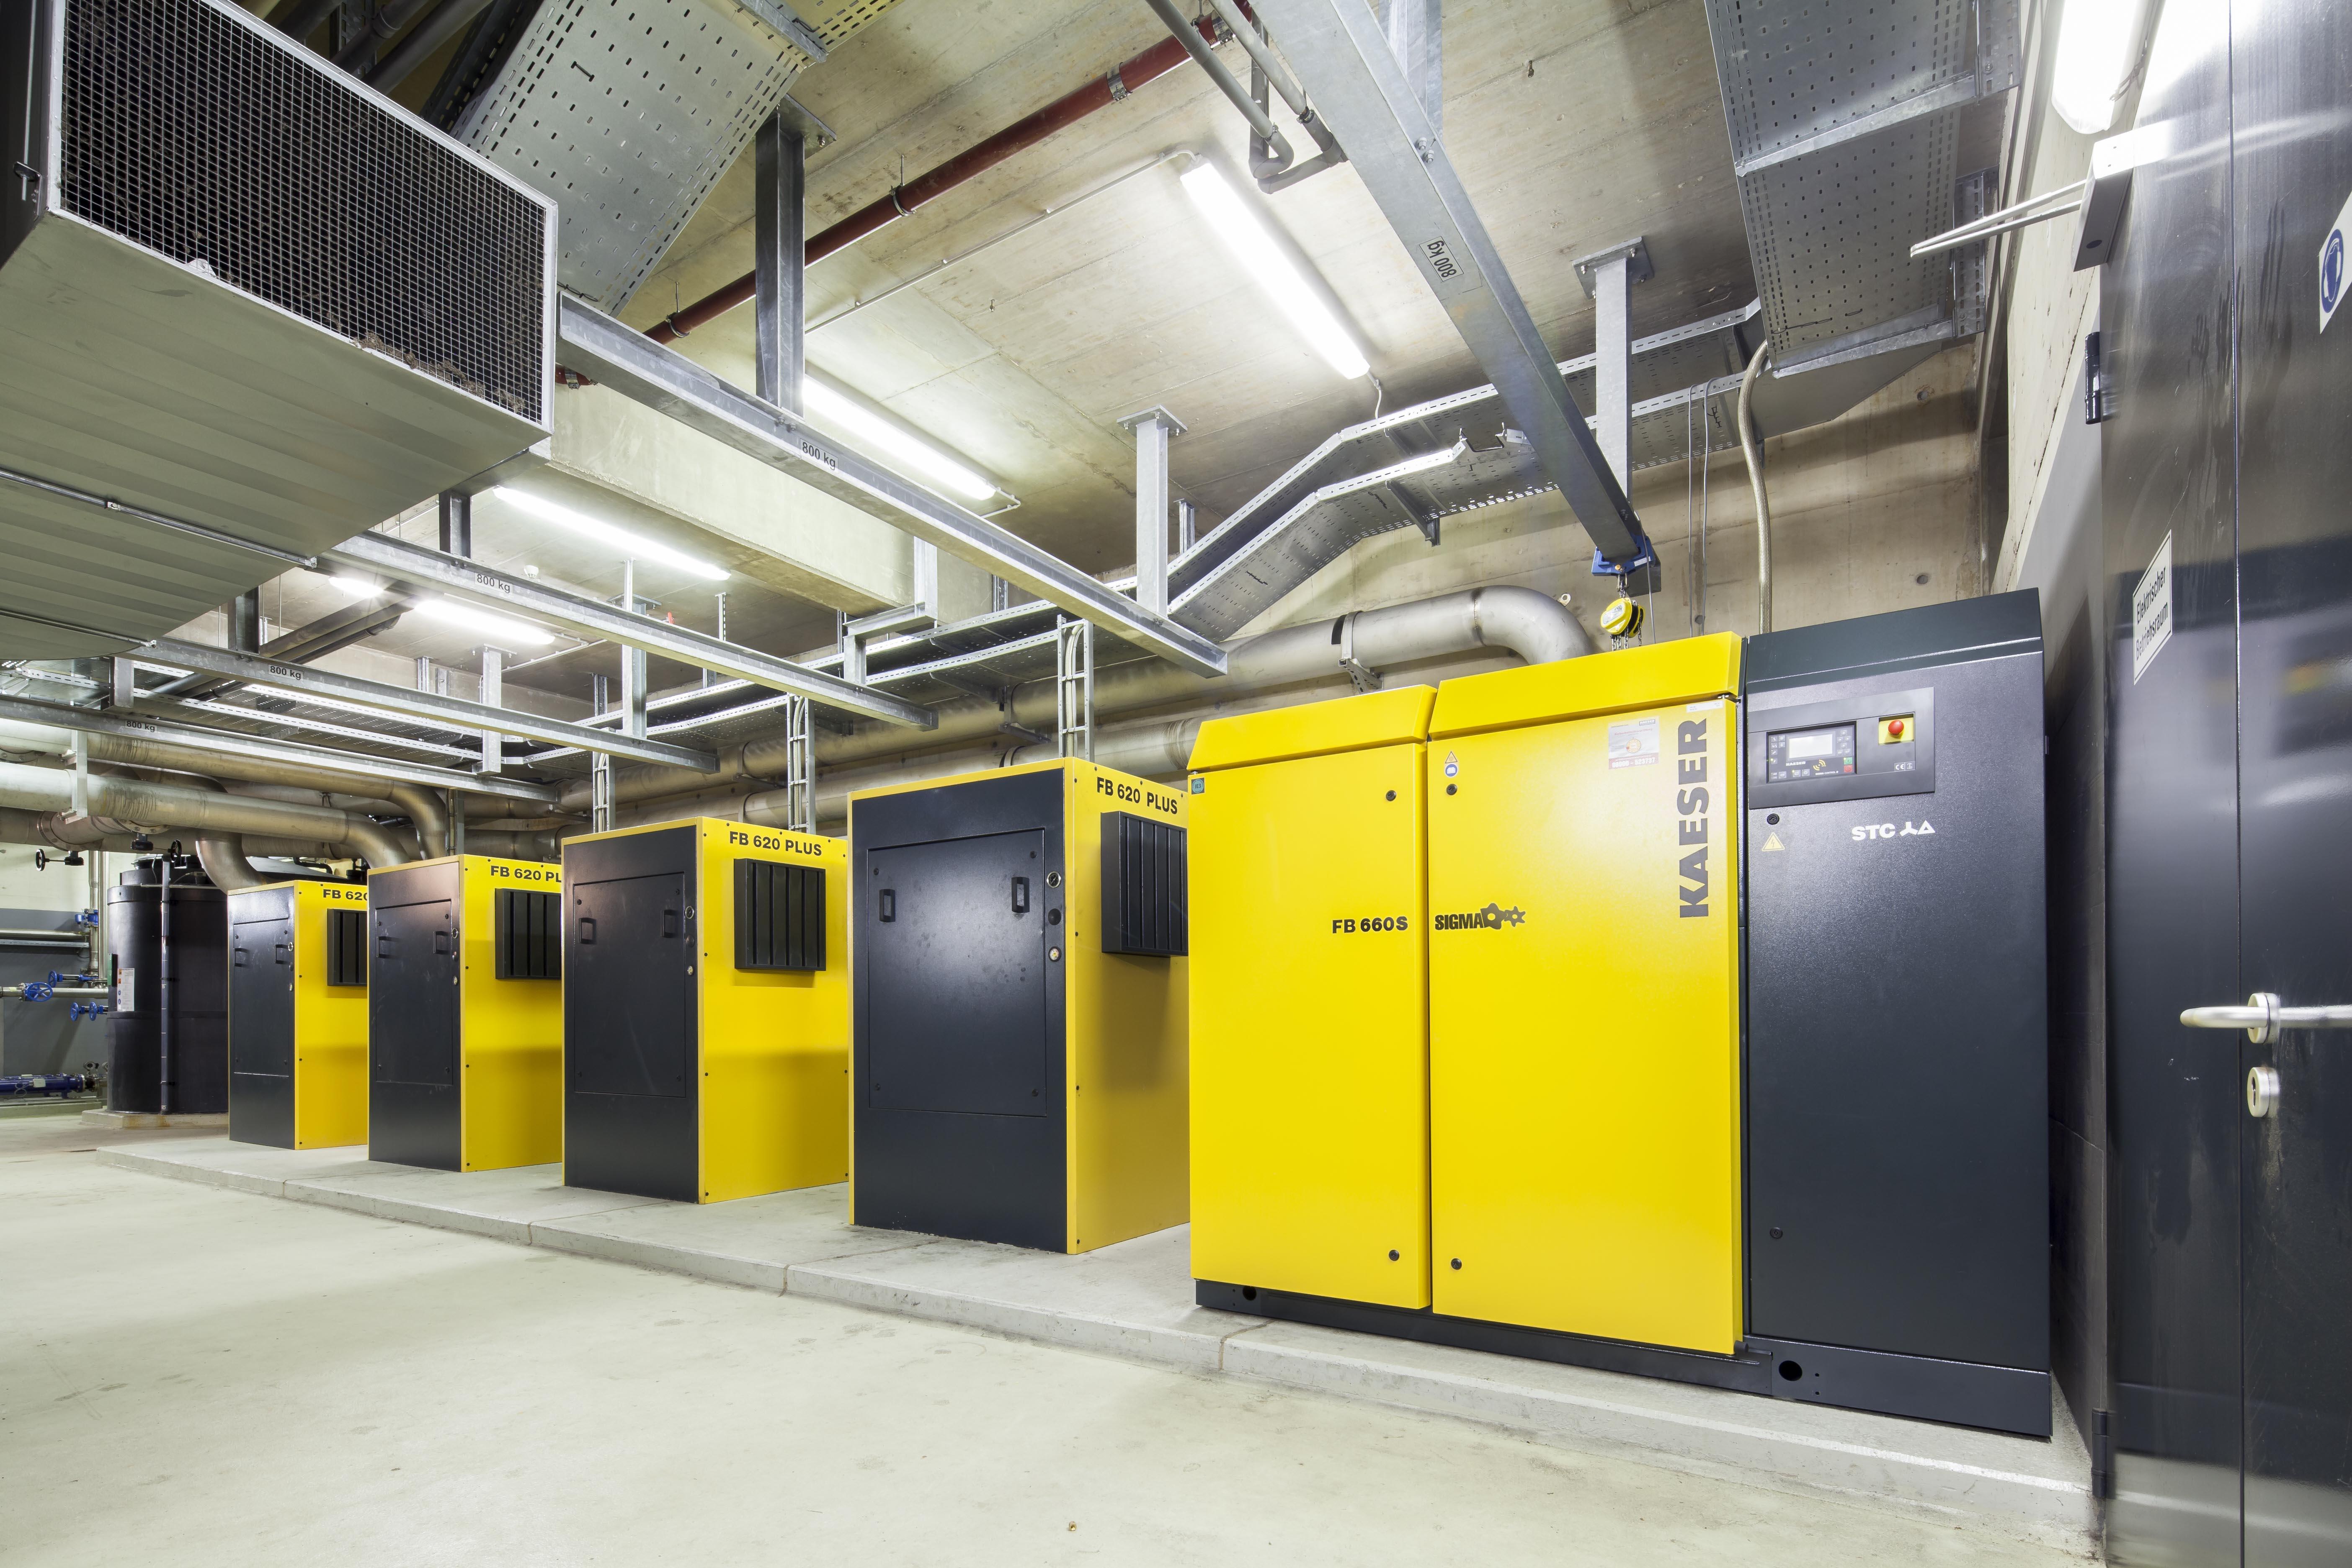 Kaeser Kompressoren — один из пионеров Индустрии 4.0. Компания одной из первых в мире перешла от стандартной продажи техники и контрактов сервисного обслуживания к поставке сжатого воздуха как услуги.